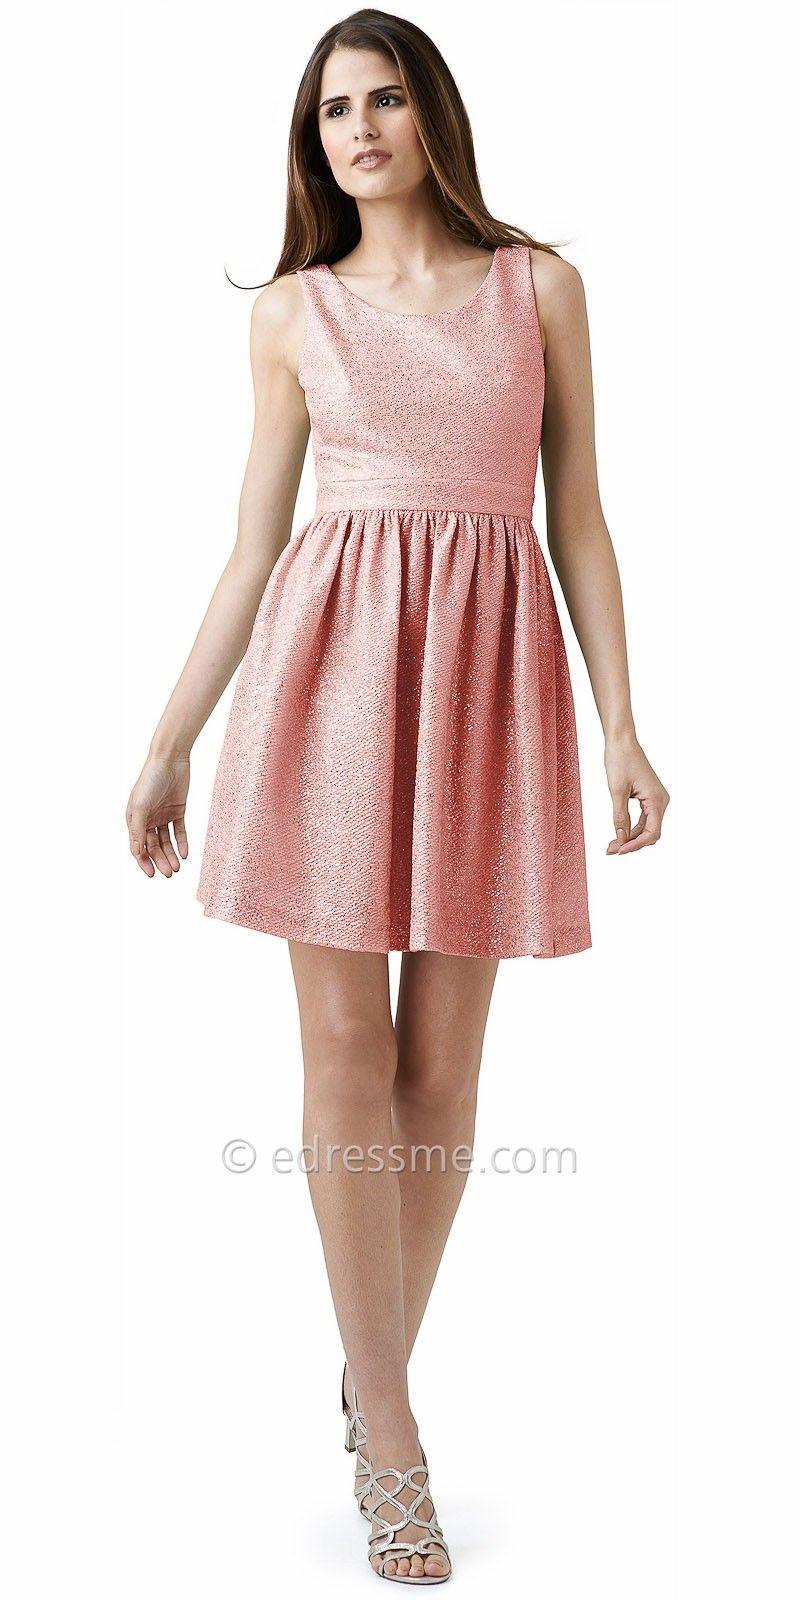 Asombroso Vestido De Fiesta Hailey Logan Adorno - Ideas de Estilos ...